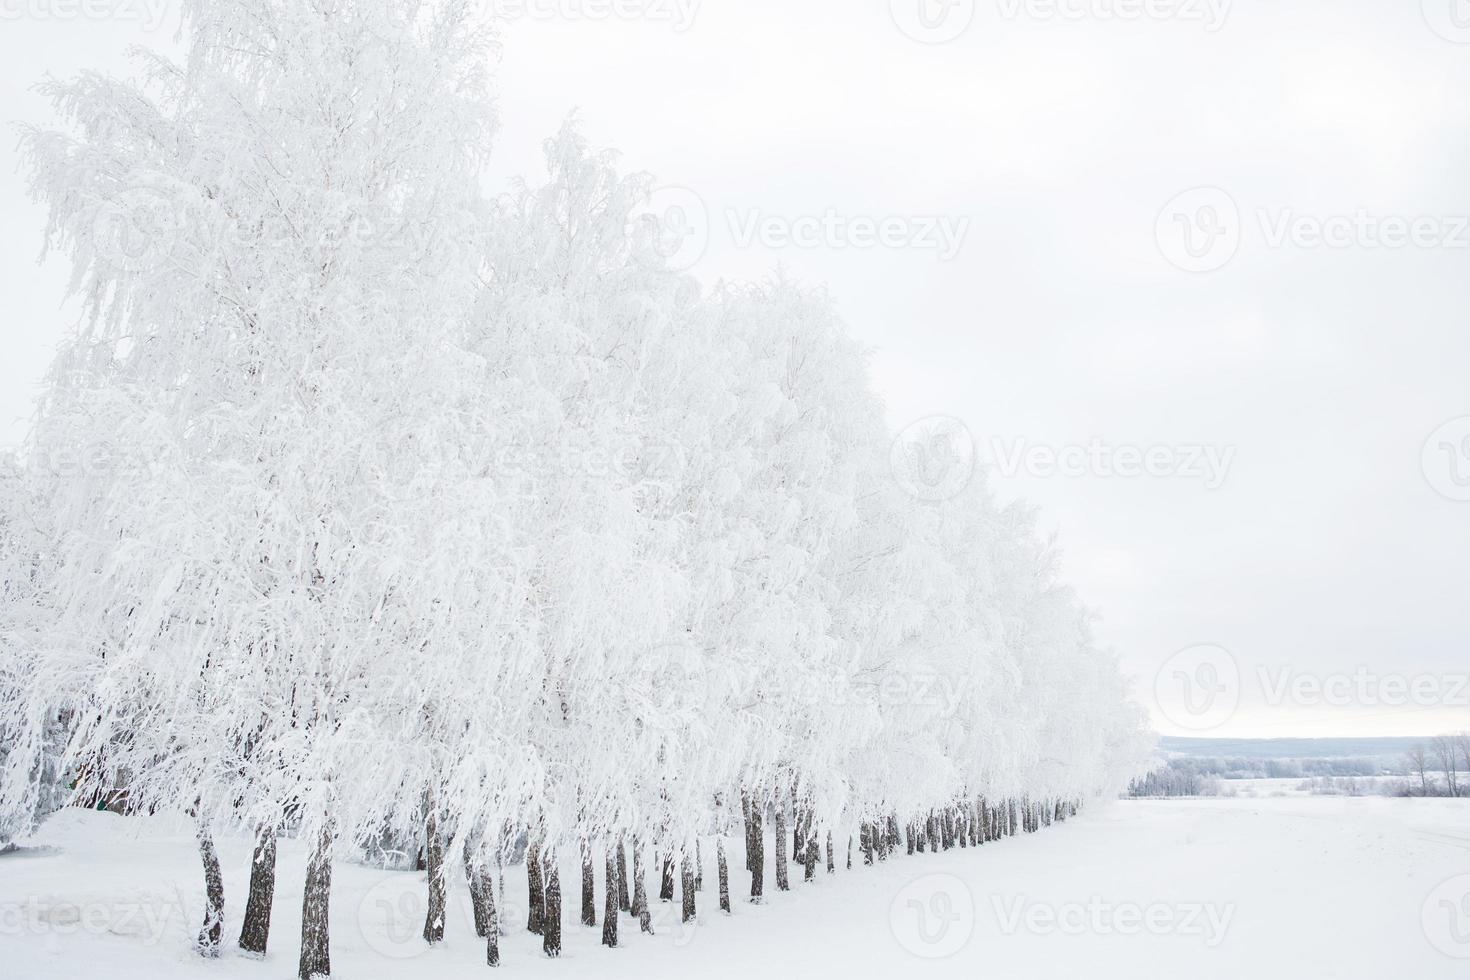 floresta de vidoeiro no inverno foto